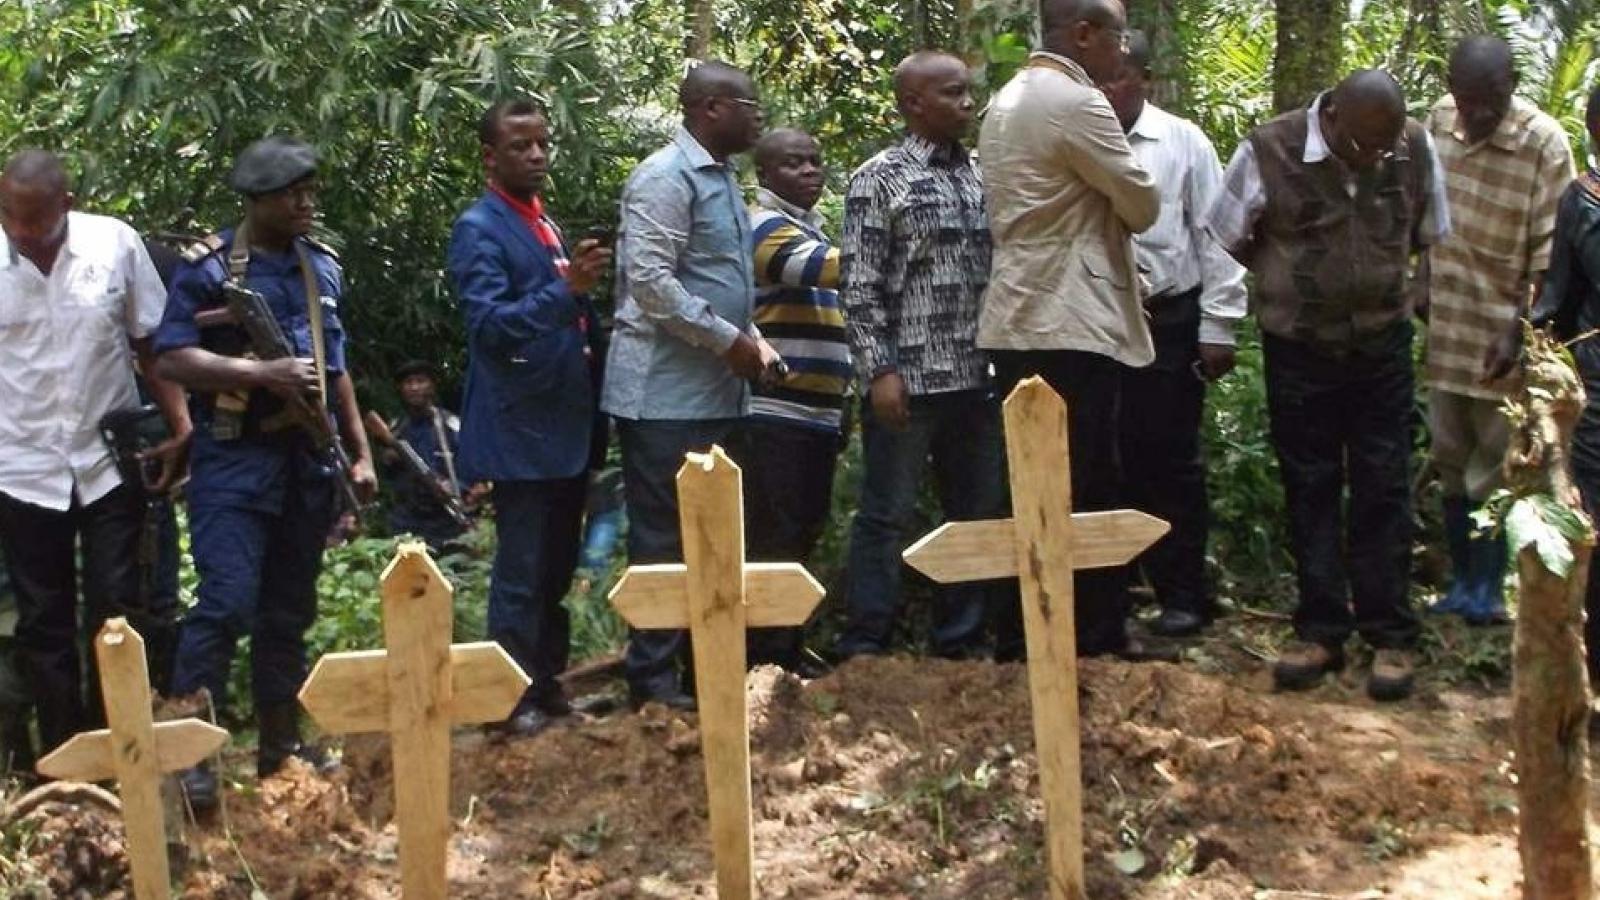 Thảm sát bằng súng ở Congo làm ít nhất 20 người thiệt mạng